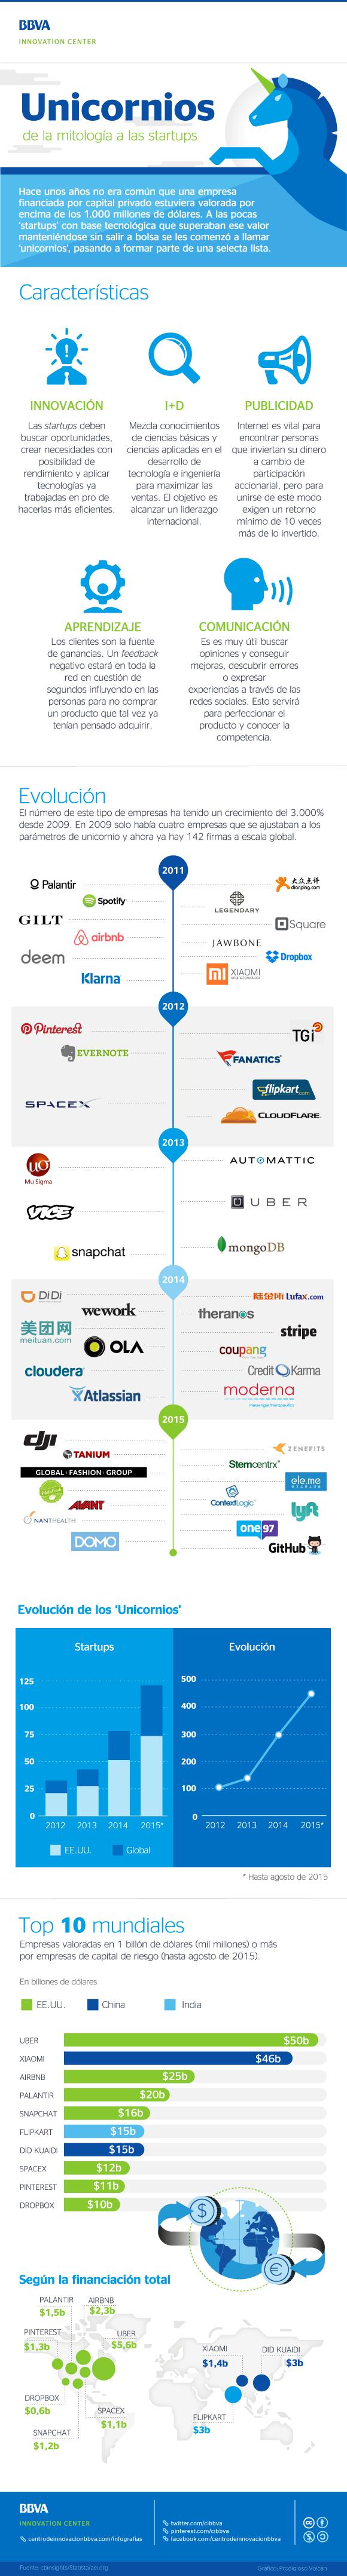 unicornios-startups-infografia